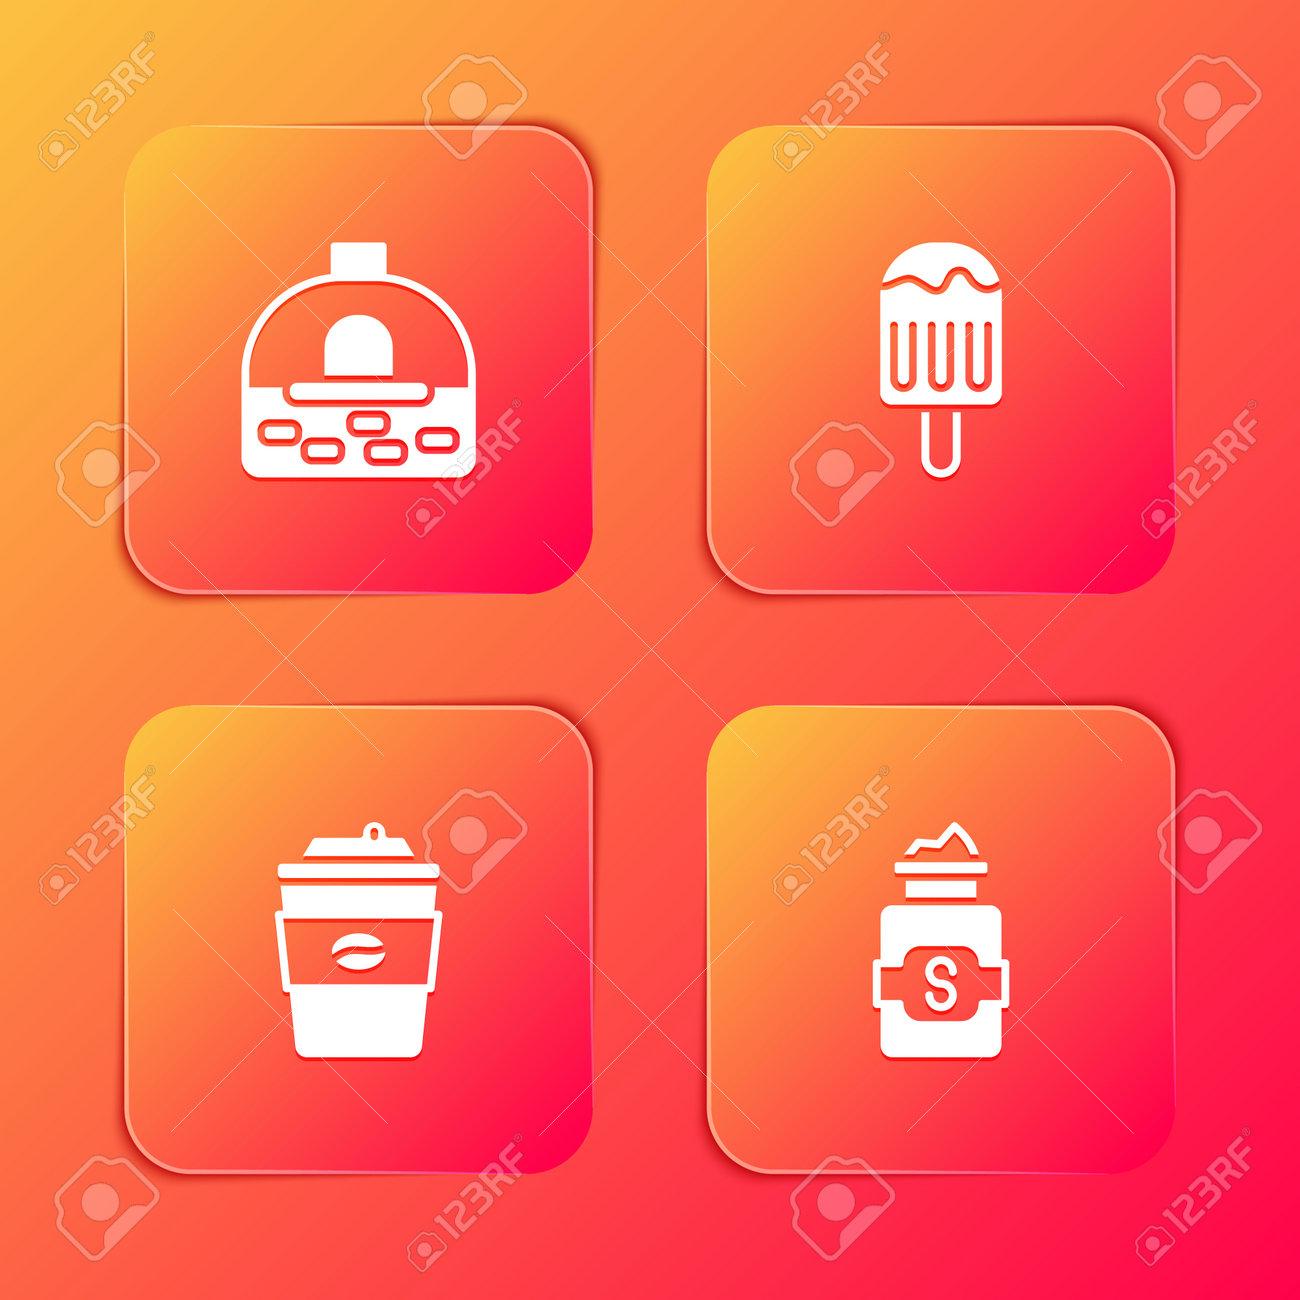 Set Brick stove, Ice cream, Coffee cup go and Jar sugar icon. Vector - 164008307